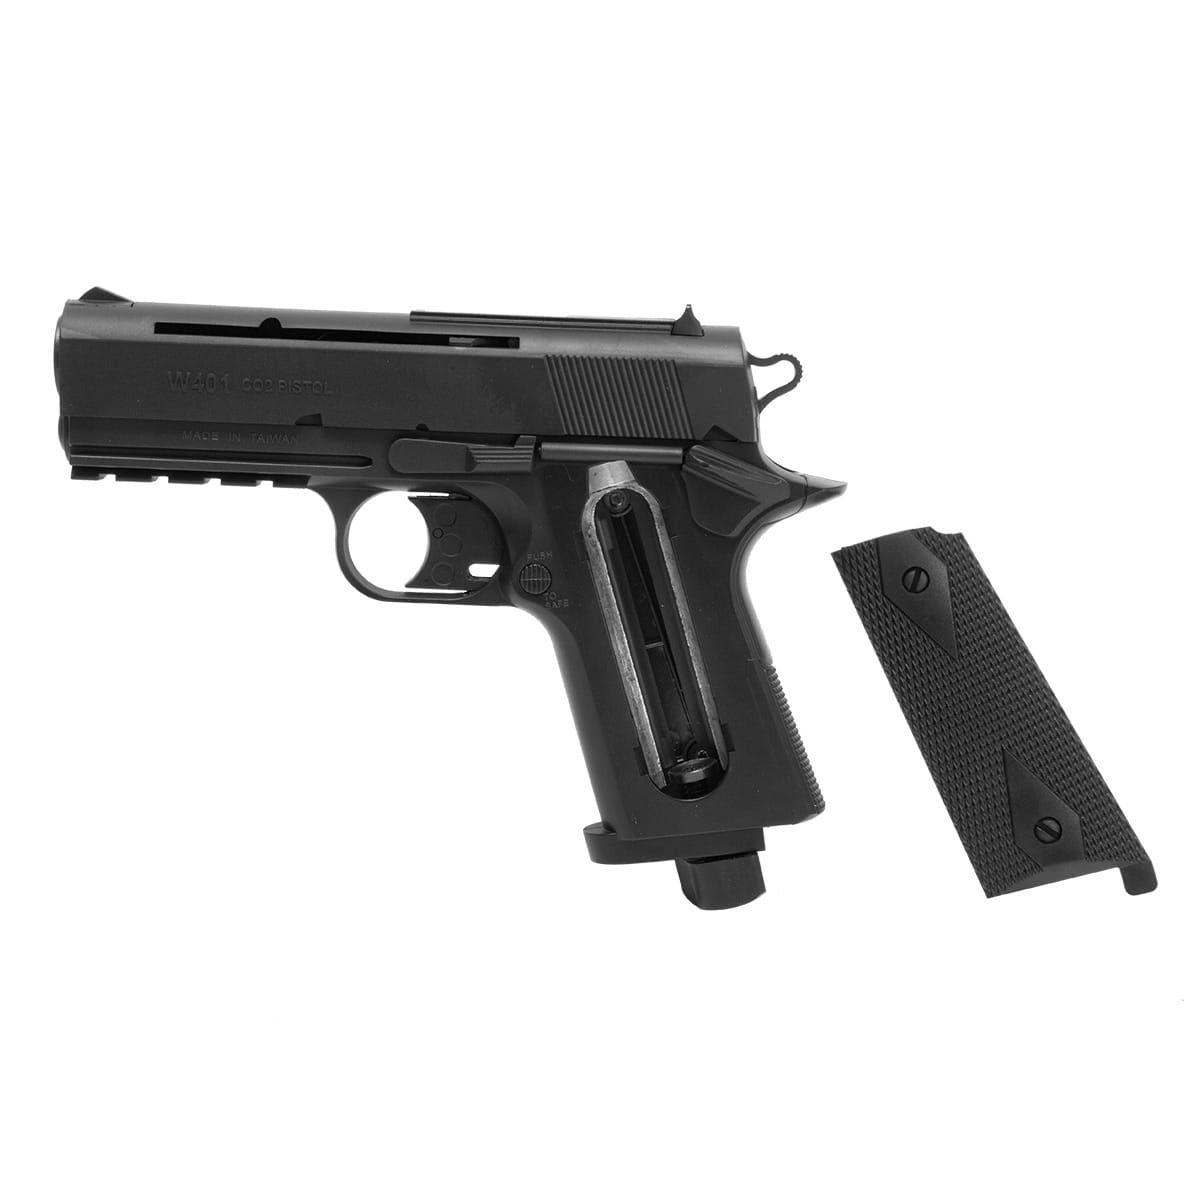 Pistola Airgun Wingun W401 Co2 4.5 Mm